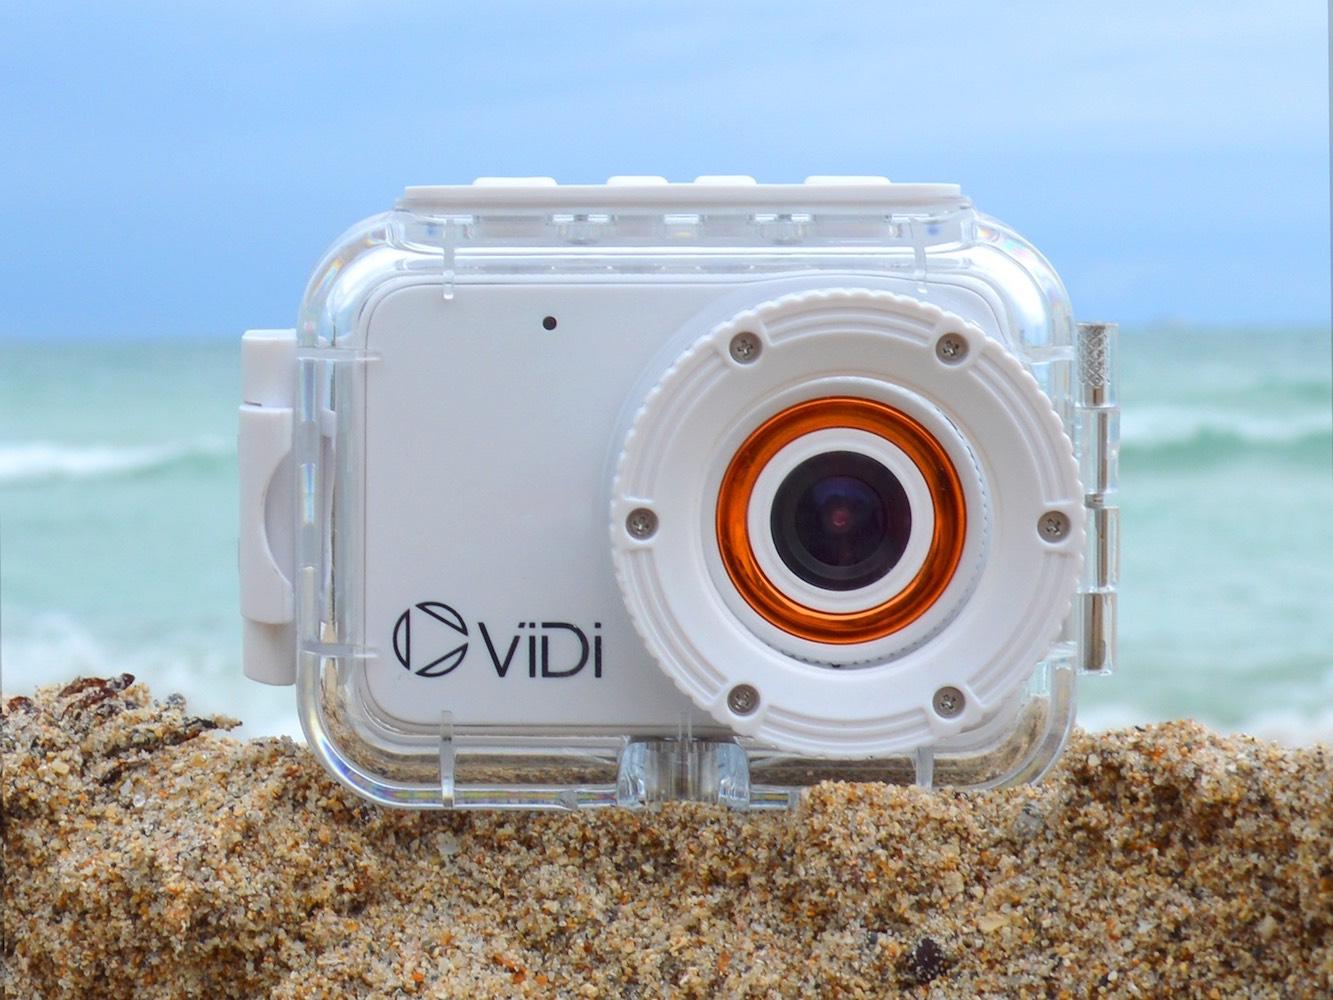 ViDi+LCD+Action+Camera